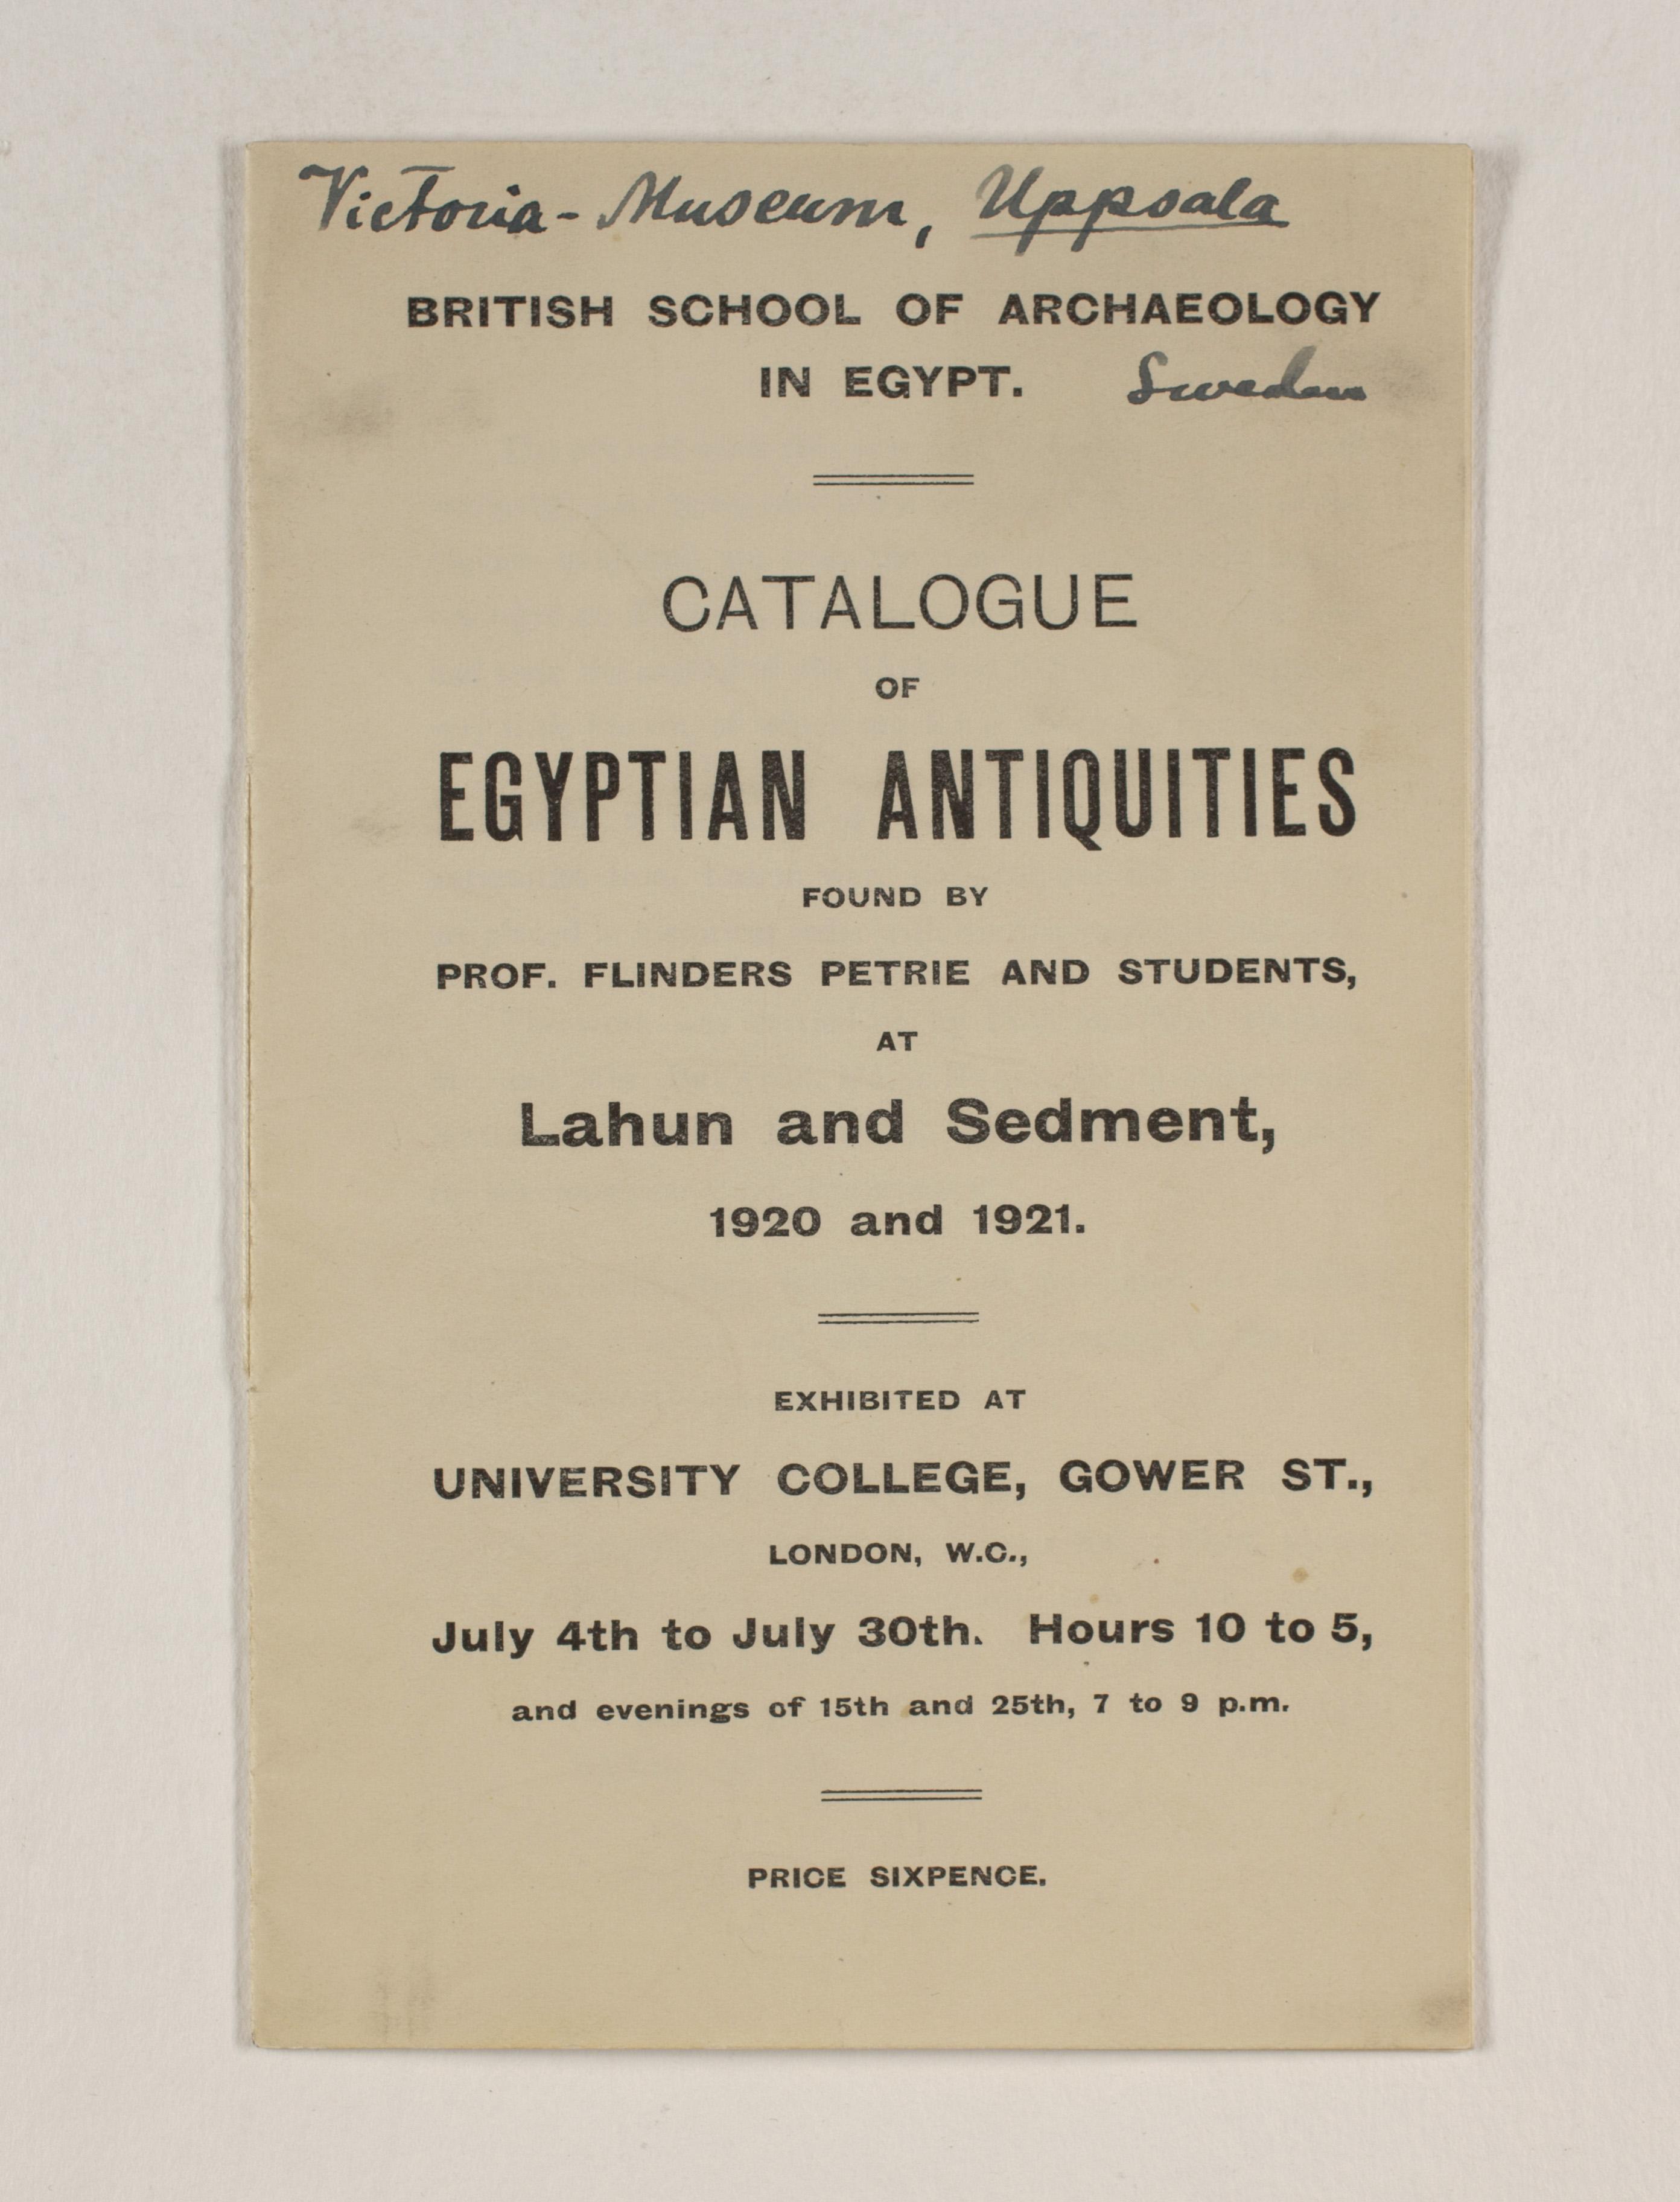 1919-21 Sedment, Lahun Exhibition catalogue PMA/WFP1/D/24/48.1